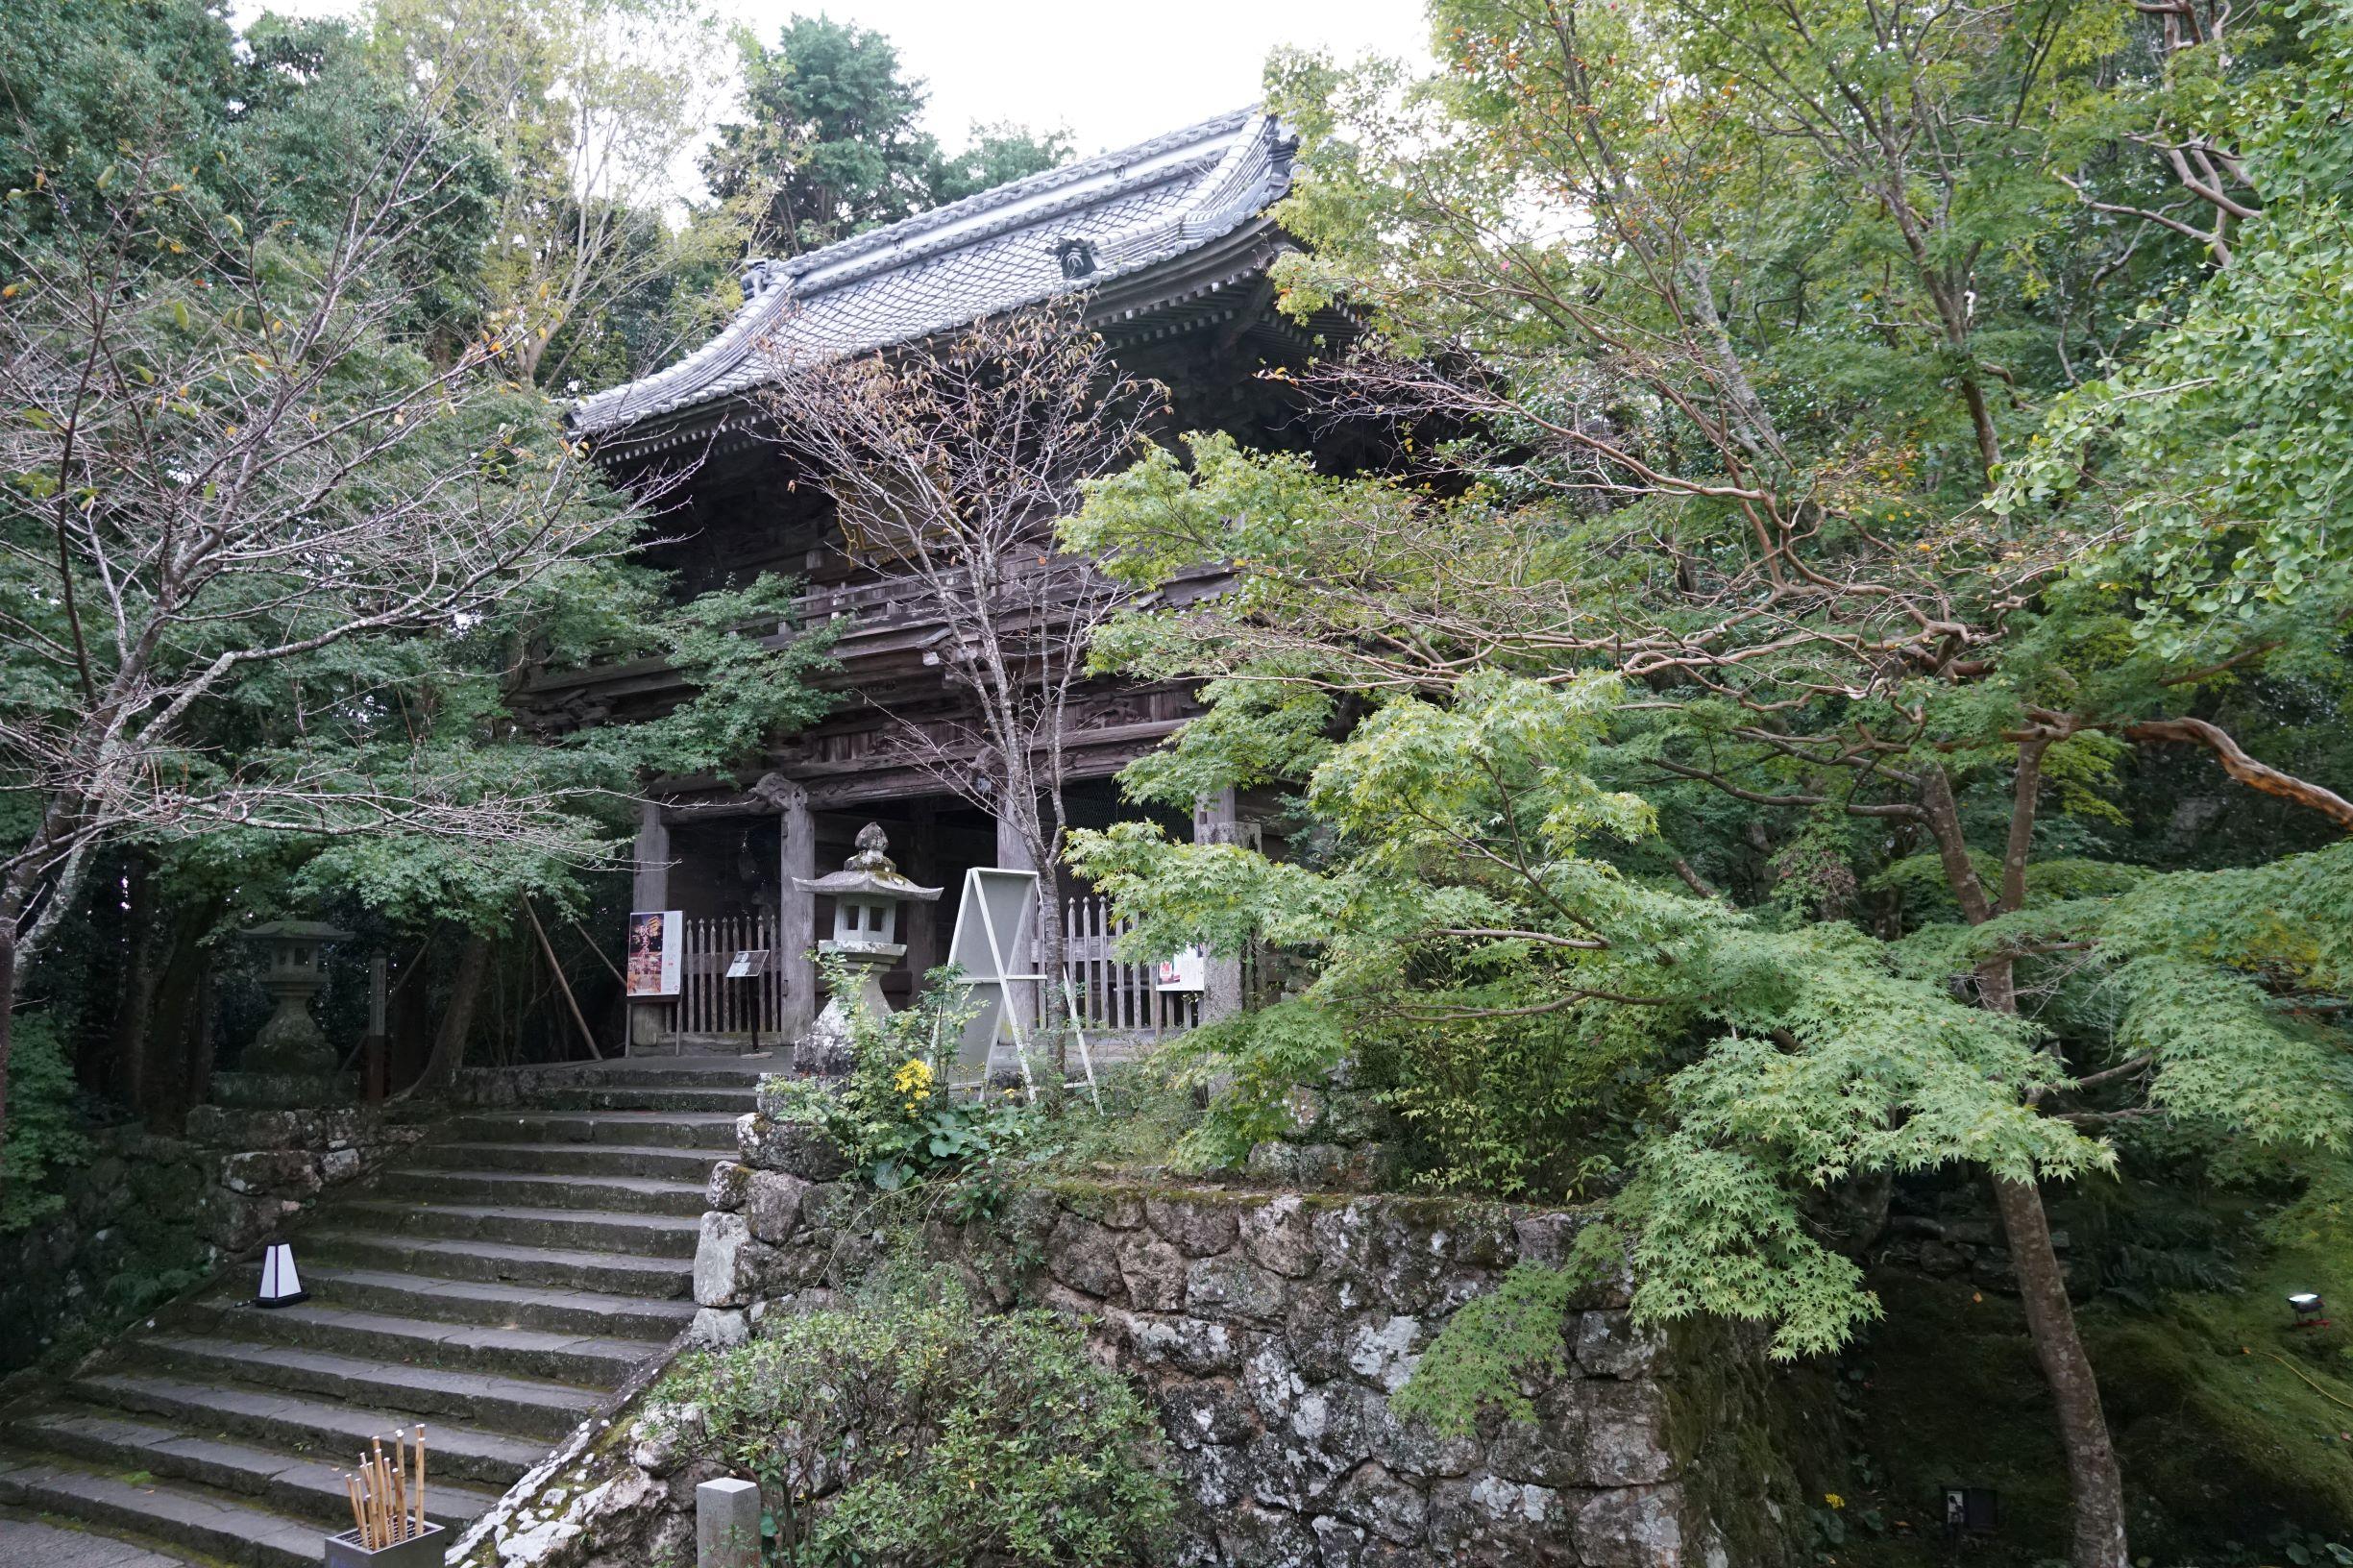 綠蔭盎然的竹林寺